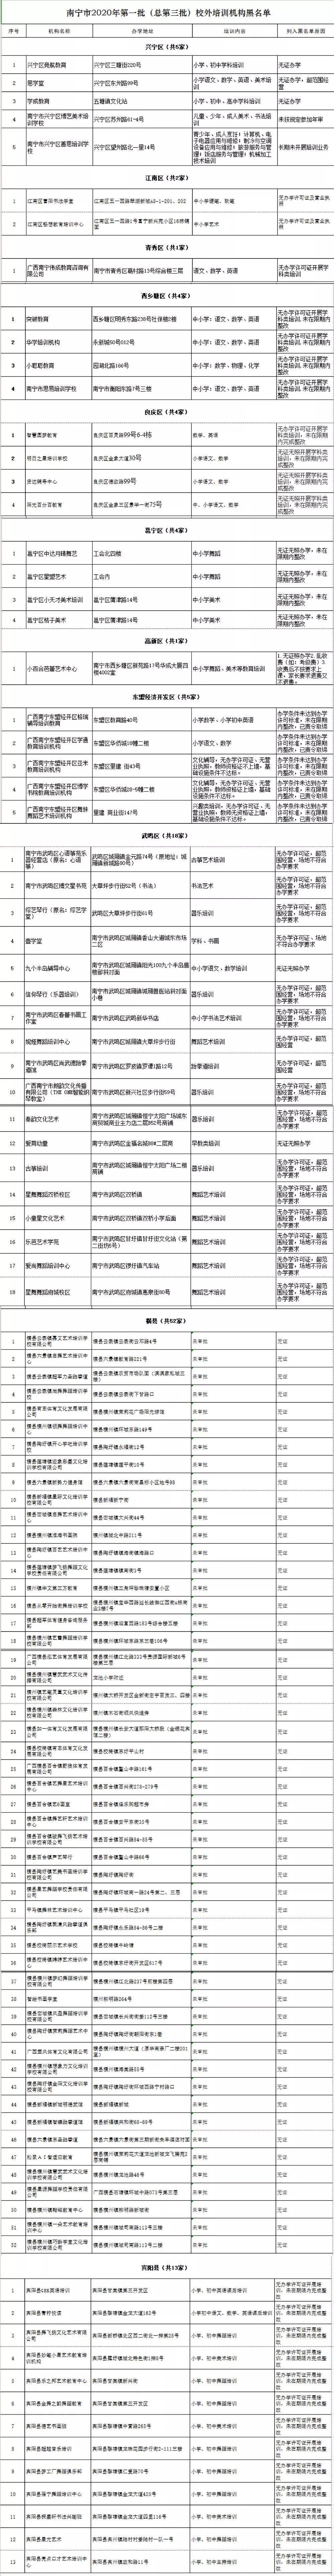 http://www.weixinrensheng.com/jiaoyu/1457416.html